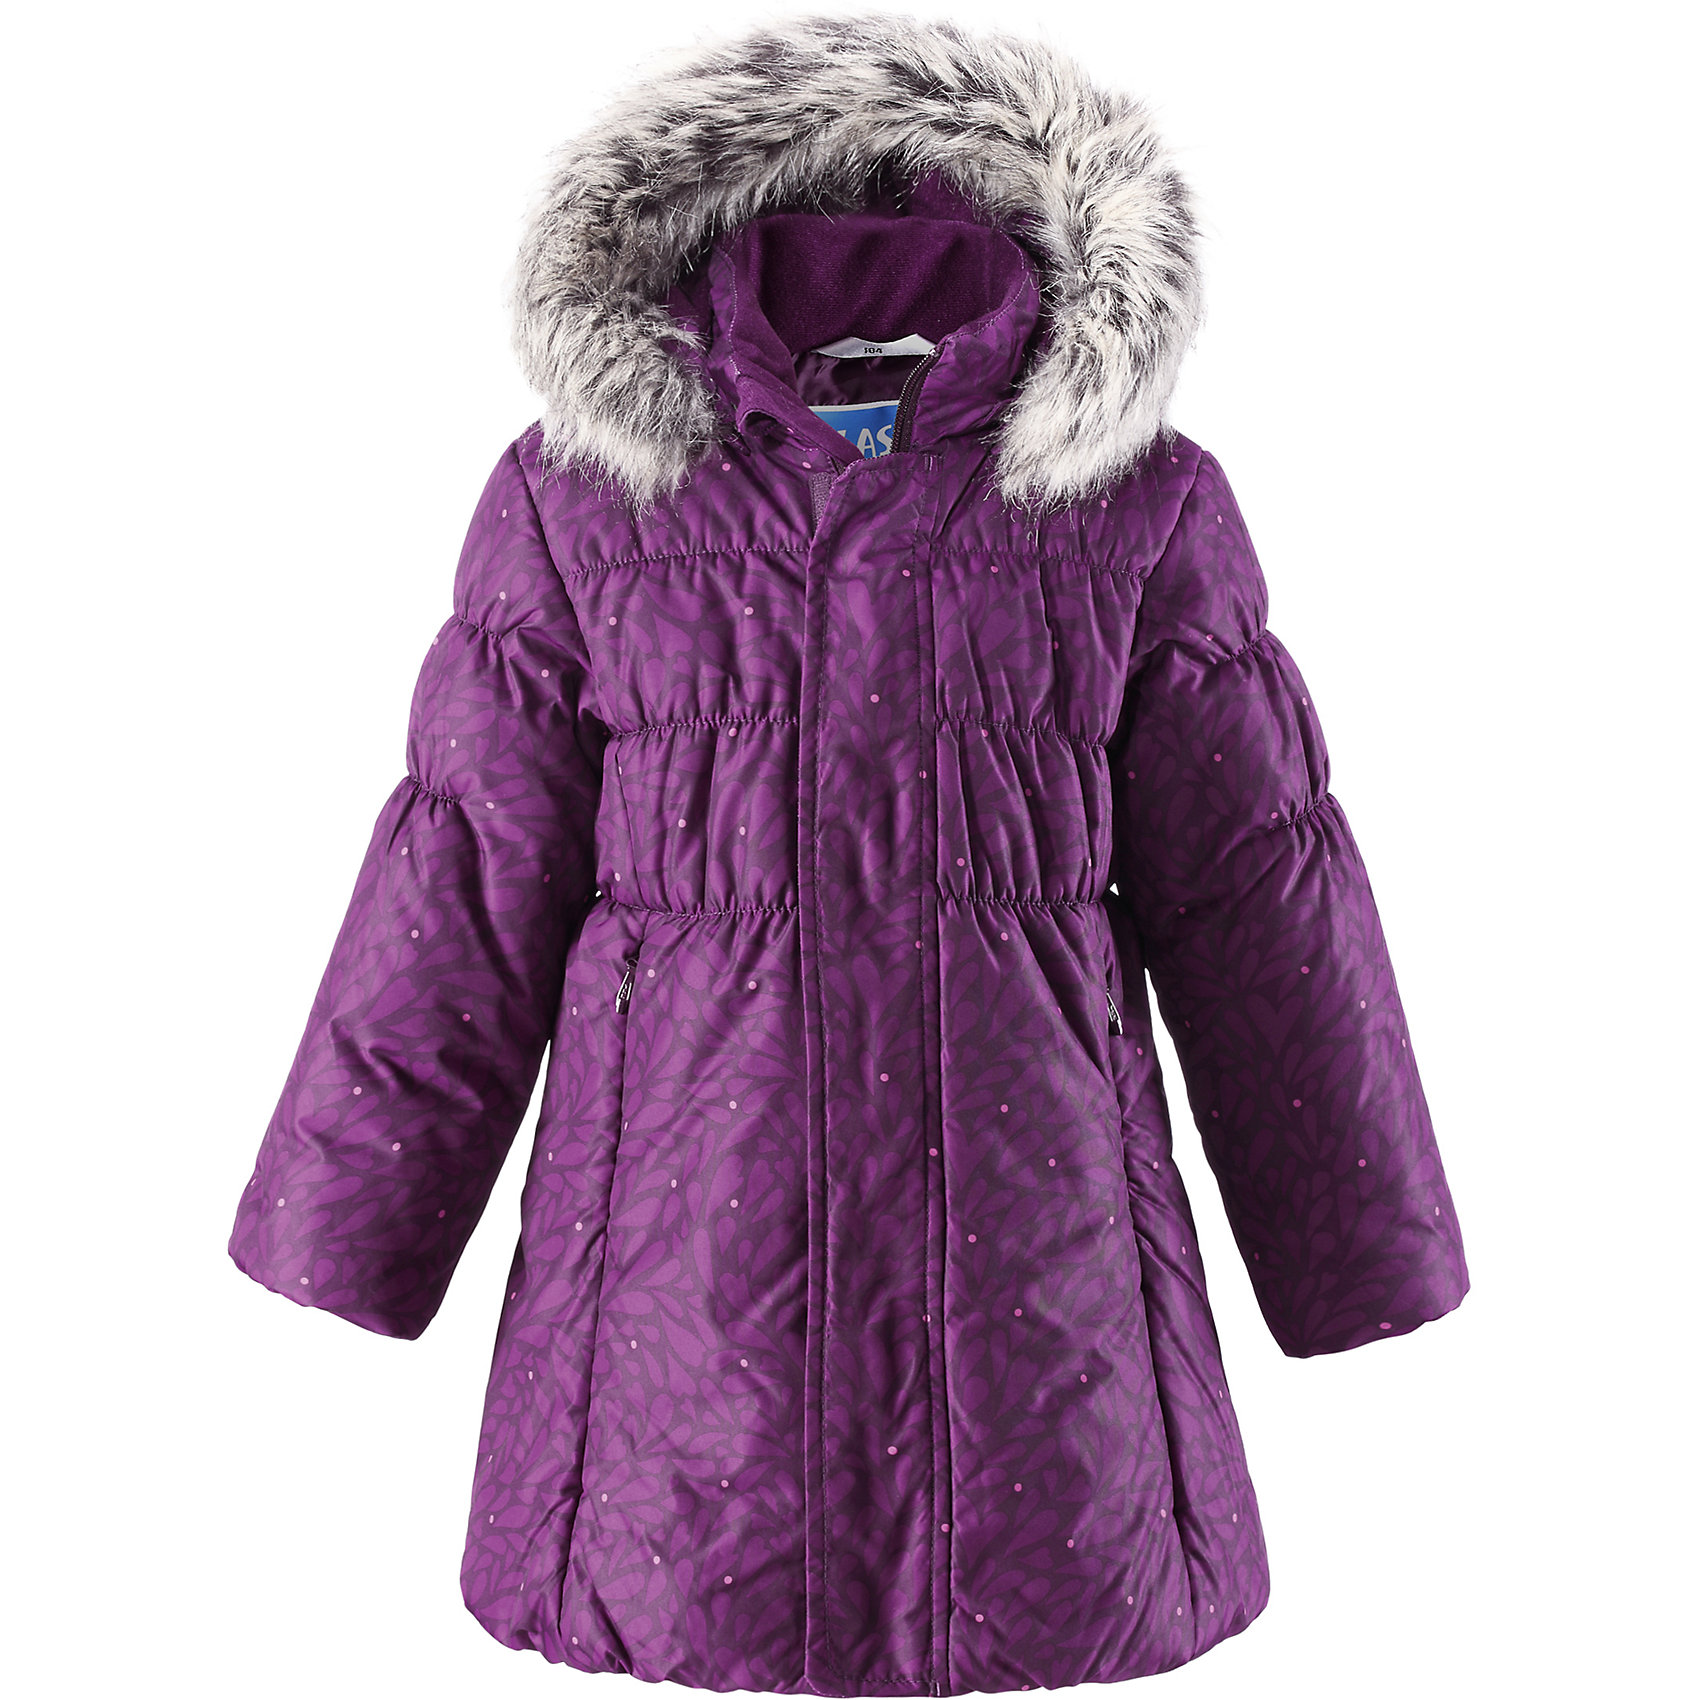 Пальто LASSIEОдежда<br>Зимнее пальто для детей известной финской марки.<br><br>- Водоотталкивающий, ветронепроницаемый, «дышащий» и грязеотталкивающий материал.<br>- Крой для девочек. <br>- Гладкая подкладка из полиэстра.<br>- Средняя степень утепления. <br>- Безопасный съемный капюшон с отсоединяемой меховой каймой из искусственного меха.<br>- Эластичные манжеты. <br>- Регулируемый обхват талии. <br>- Карманы с клапанами.  <br><br>Рекомендации по уходу: Стирать по отдельности, вывернув наизнанку. Перед стиркой отстегните искусственный мех. Застегнуть молнии и липучки. Соблюдать температуру в соответствии с руководством по уходу. Стирать моющим средством, не содержащим отбеливающие вещества. Полоскать без специального средства. Сушение в сушильном шкафу разрешено при  низкой температуре.<br><br>Состав: 100% Полиамид, полиуретановое покрытие.  Утеплитель «Lassie wadding» 200гр.<br><br>Ширина мм: 356<br>Глубина мм: 10<br>Высота мм: 245<br>Вес г: 519<br>Цвет: фиолетовый<br>Возраст от месяцев: 18<br>Возраст до месяцев: 24<br>Пол: Женский<br>Возраст: Детский<br>Размер: 116,122,128,134,92,104,110,140,98<br>SKU: 4782378